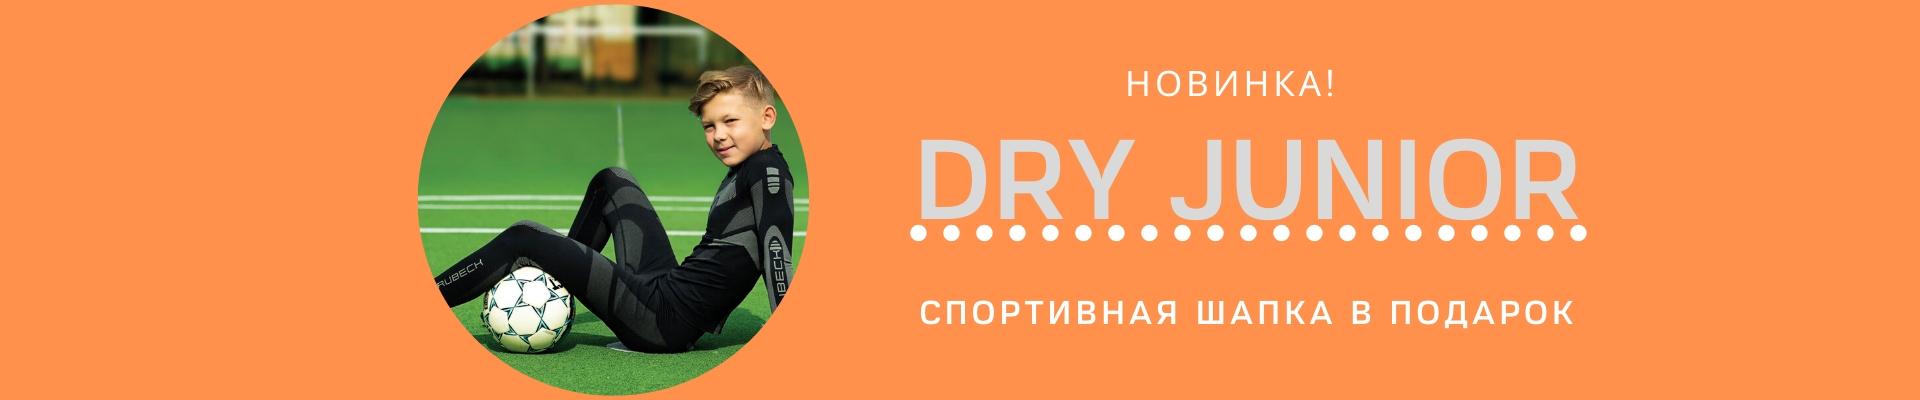 Новинка! Dry Junior - спортивное термобелье для подростковt